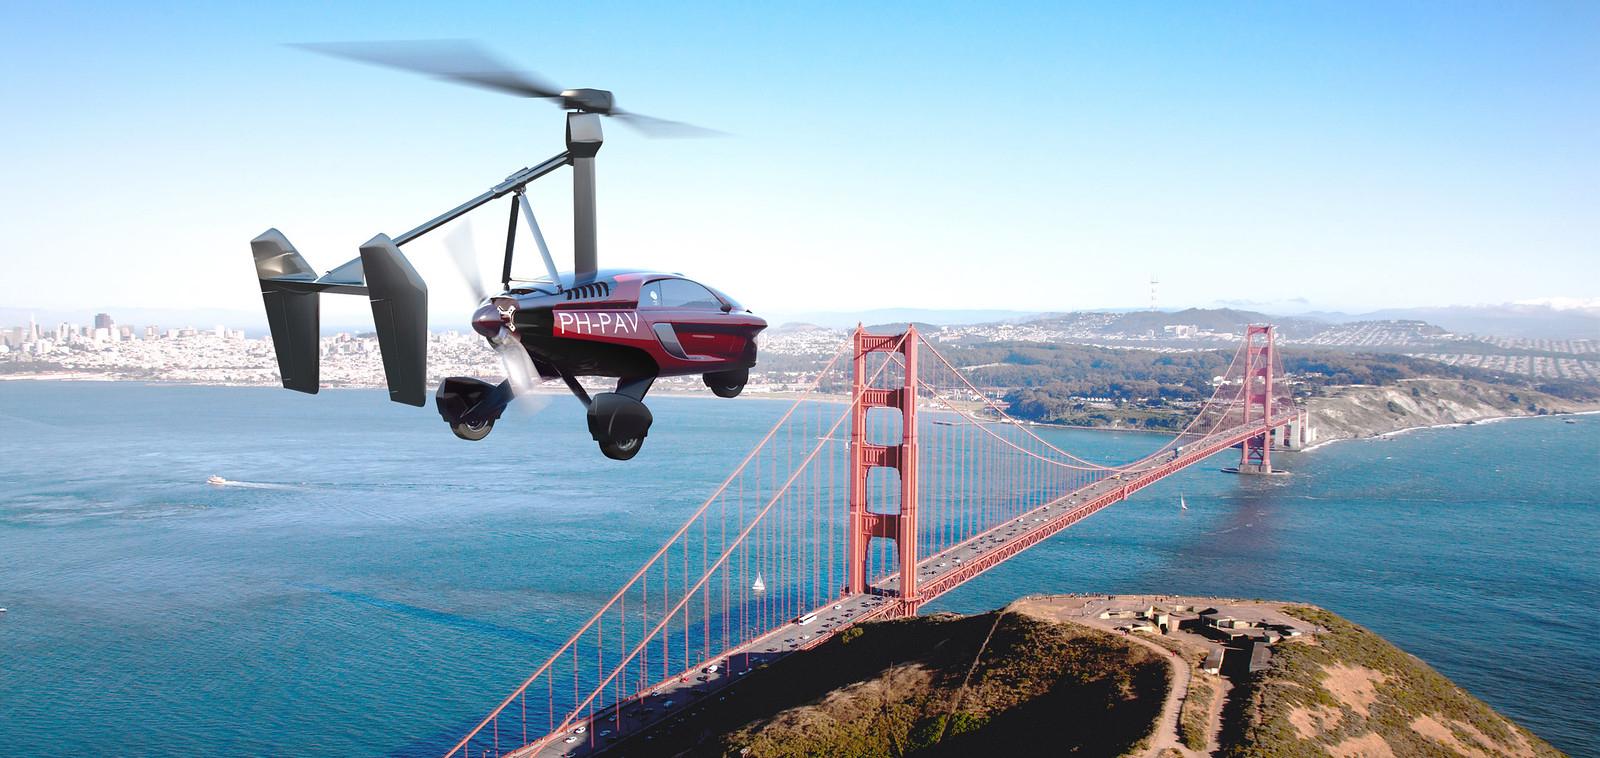 PAL-V - Personal Air and Land Vehicle